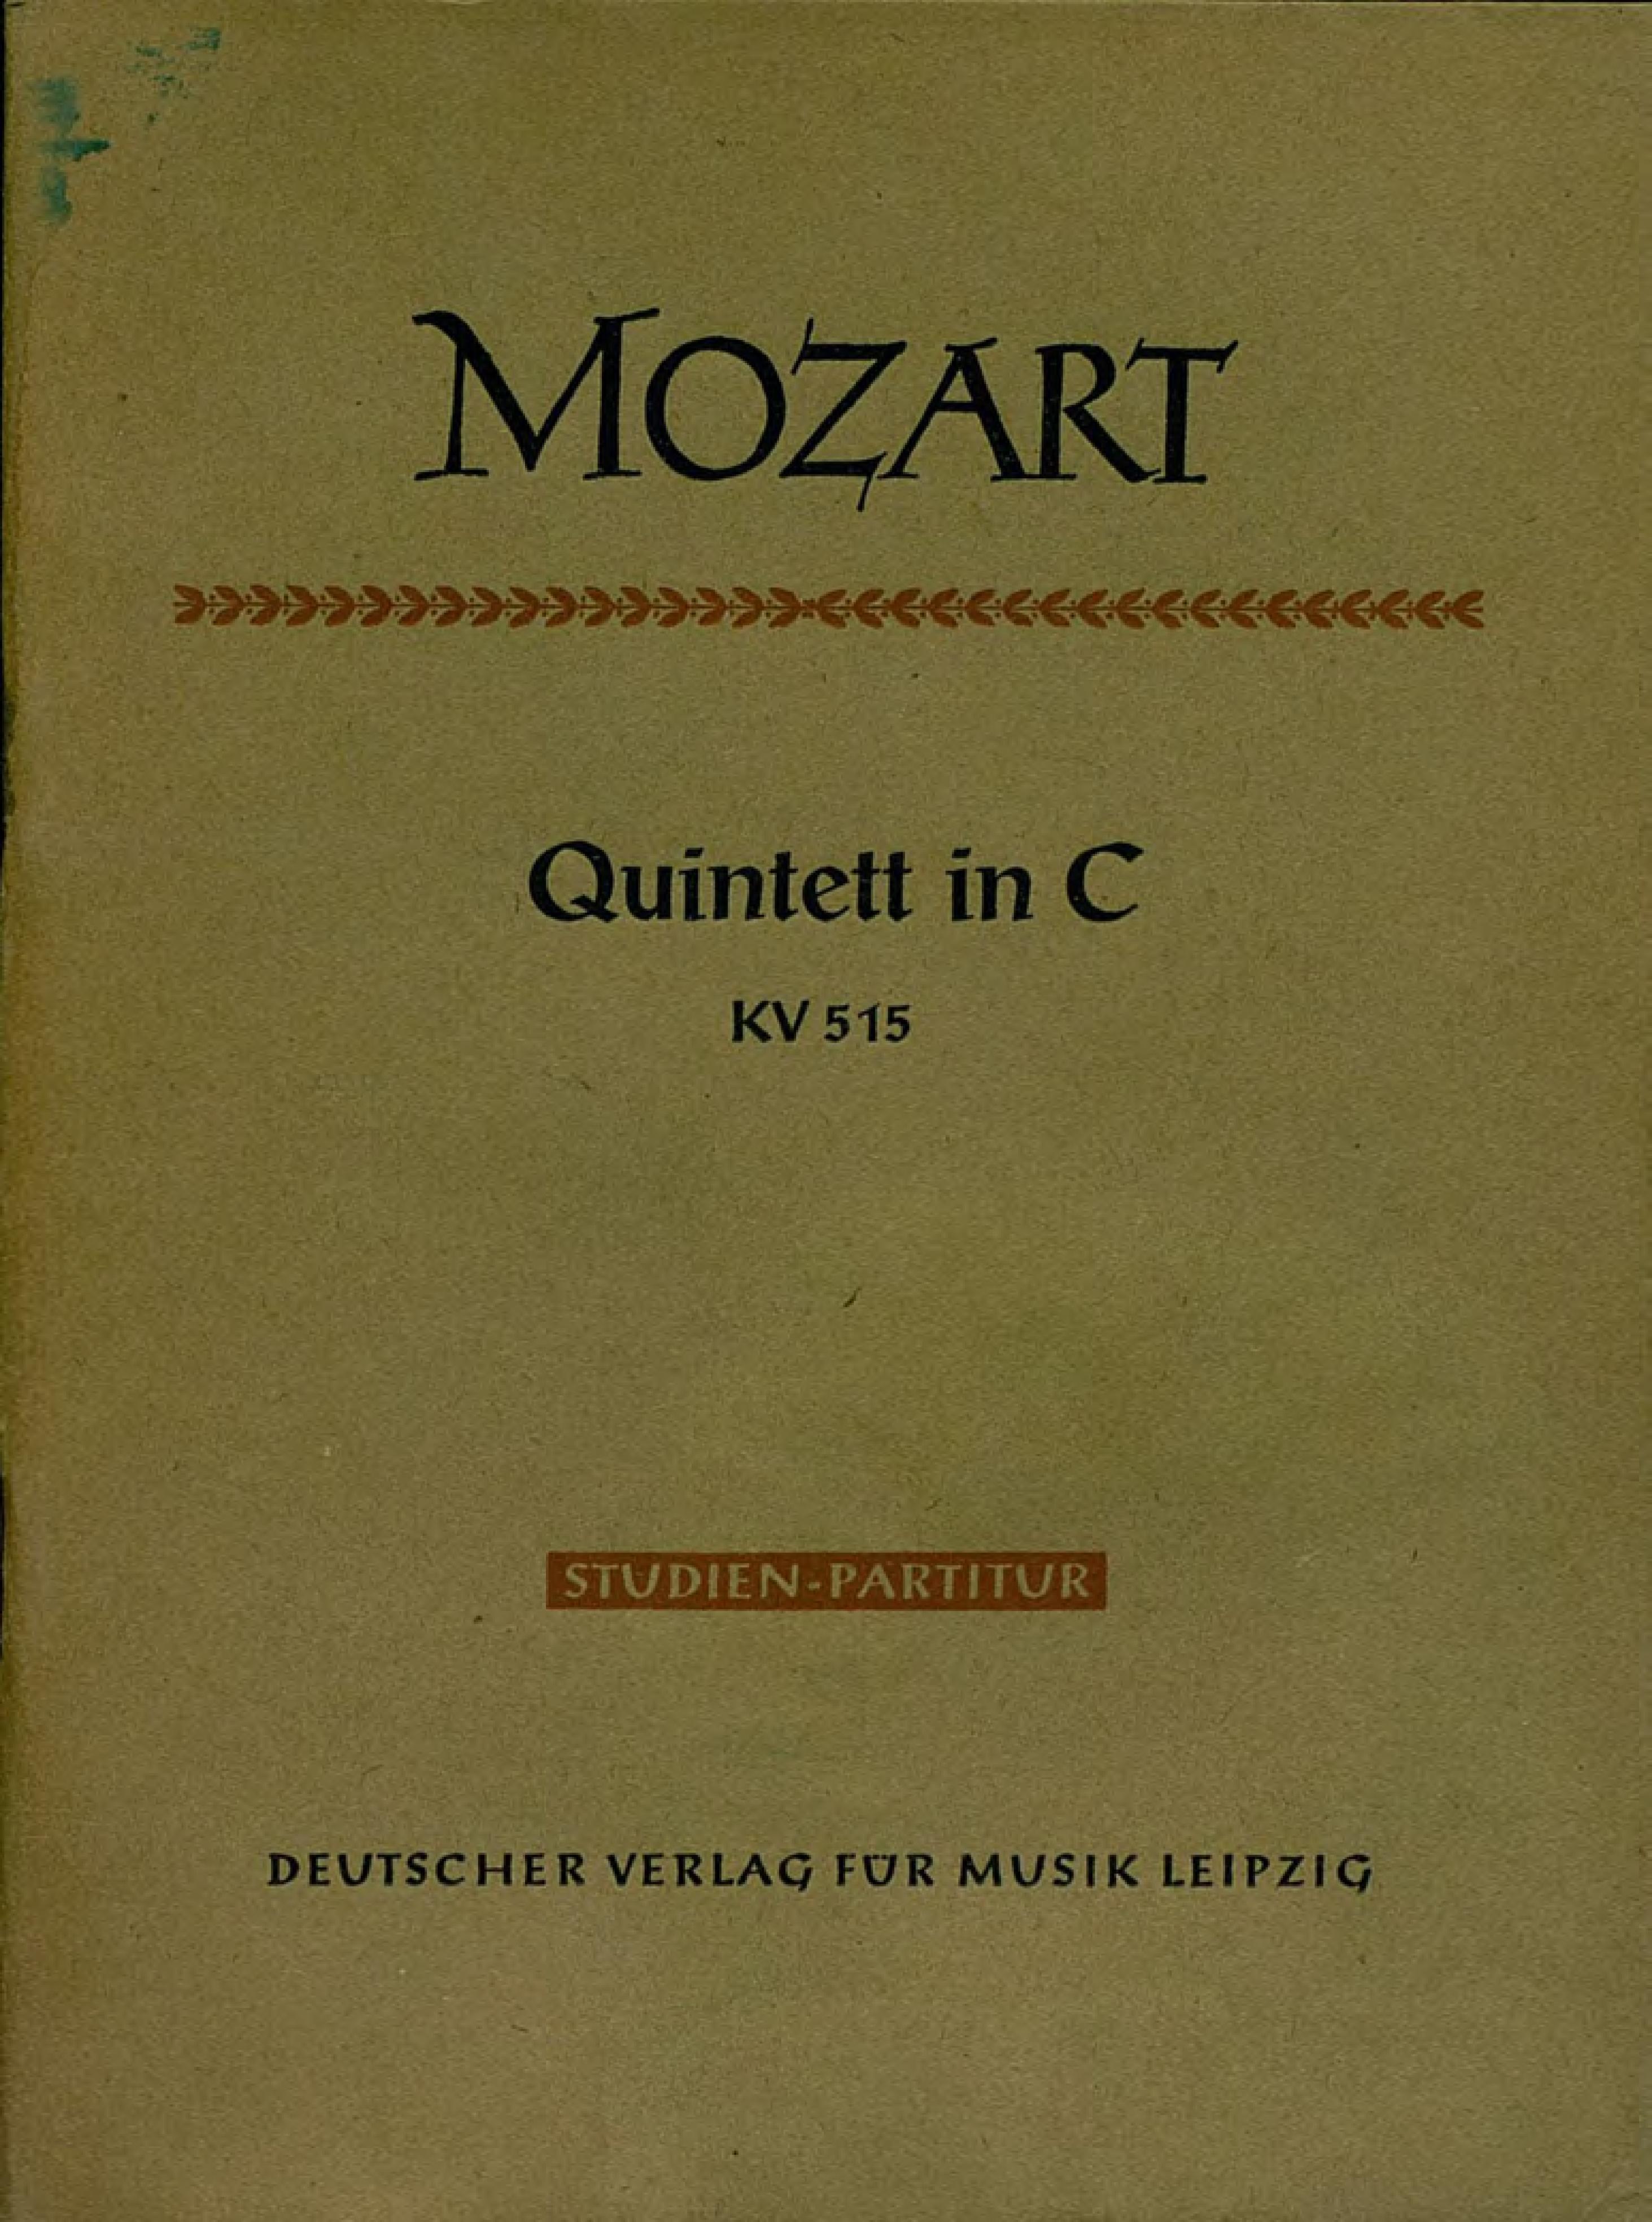 Вольфганг Амадей Моцарт Quintett in C fur 2 Violinen, 2 Violen u. Violoncello klassische violoncello violoncello fur anfanger mit musik von bach beethoven mozart und anderen komponisten